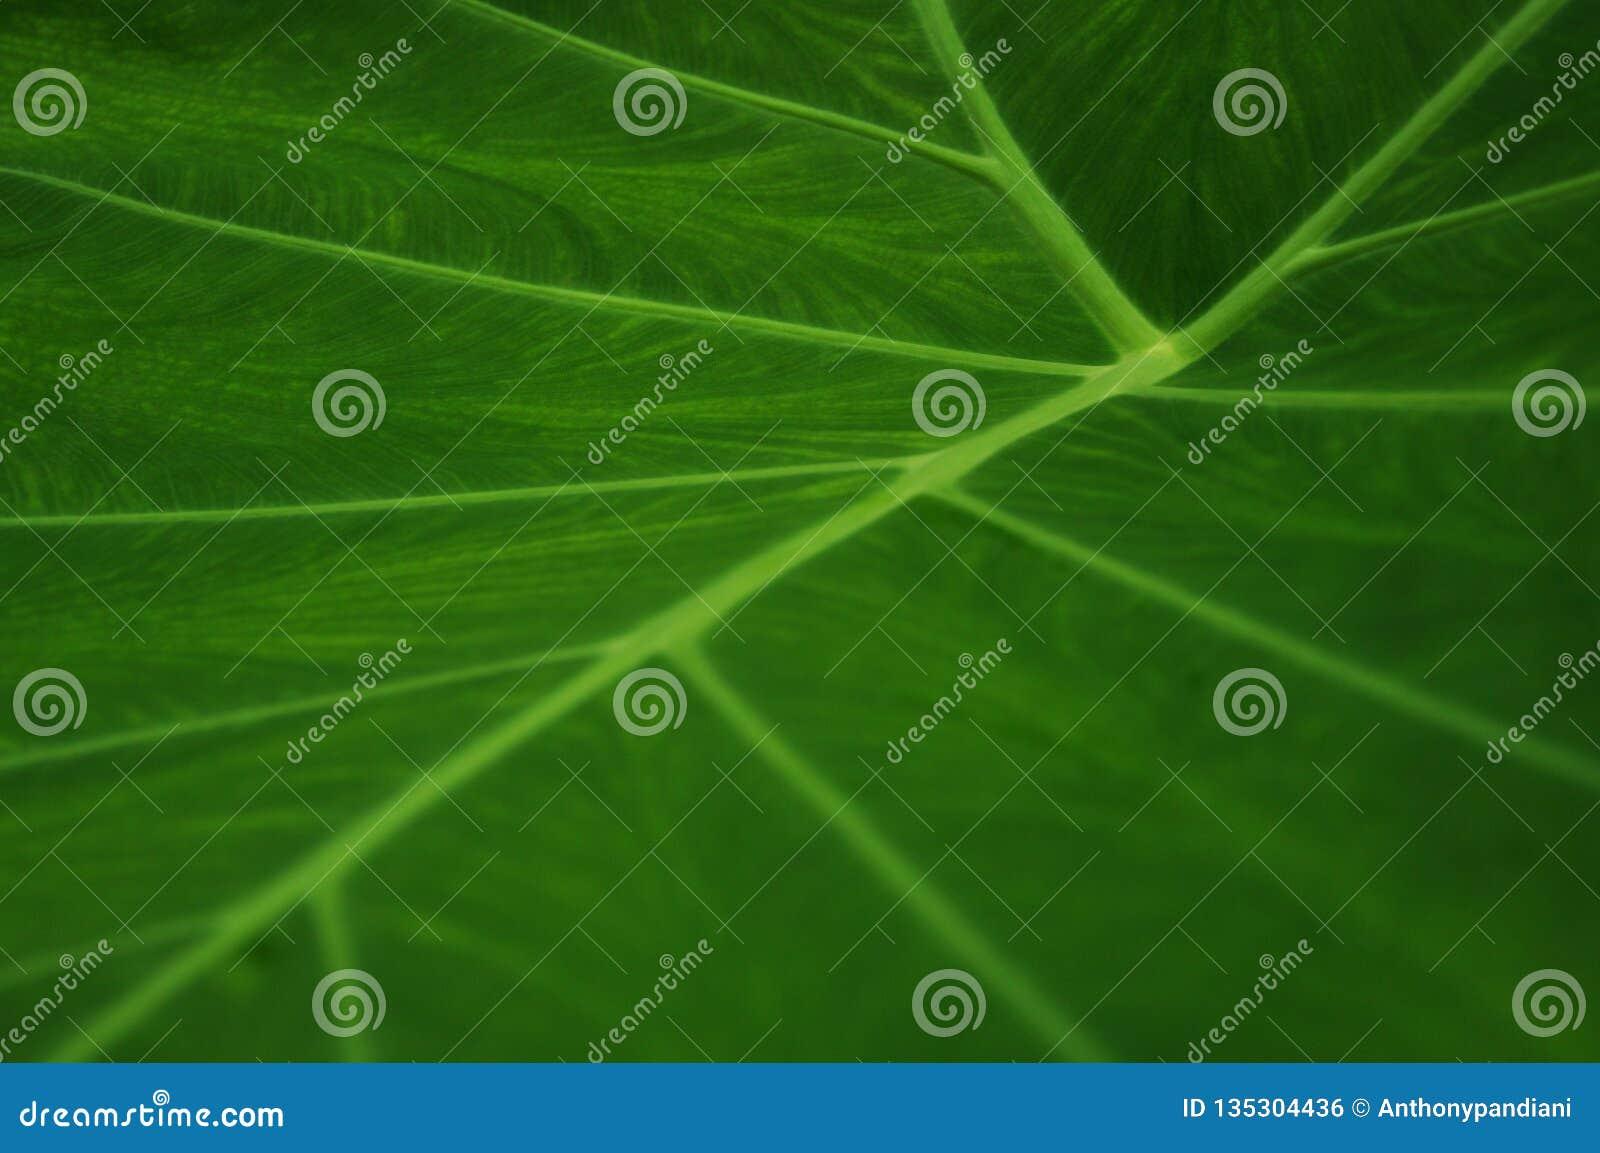 Nahaufnahme der Strukturen eines grünen Blattes